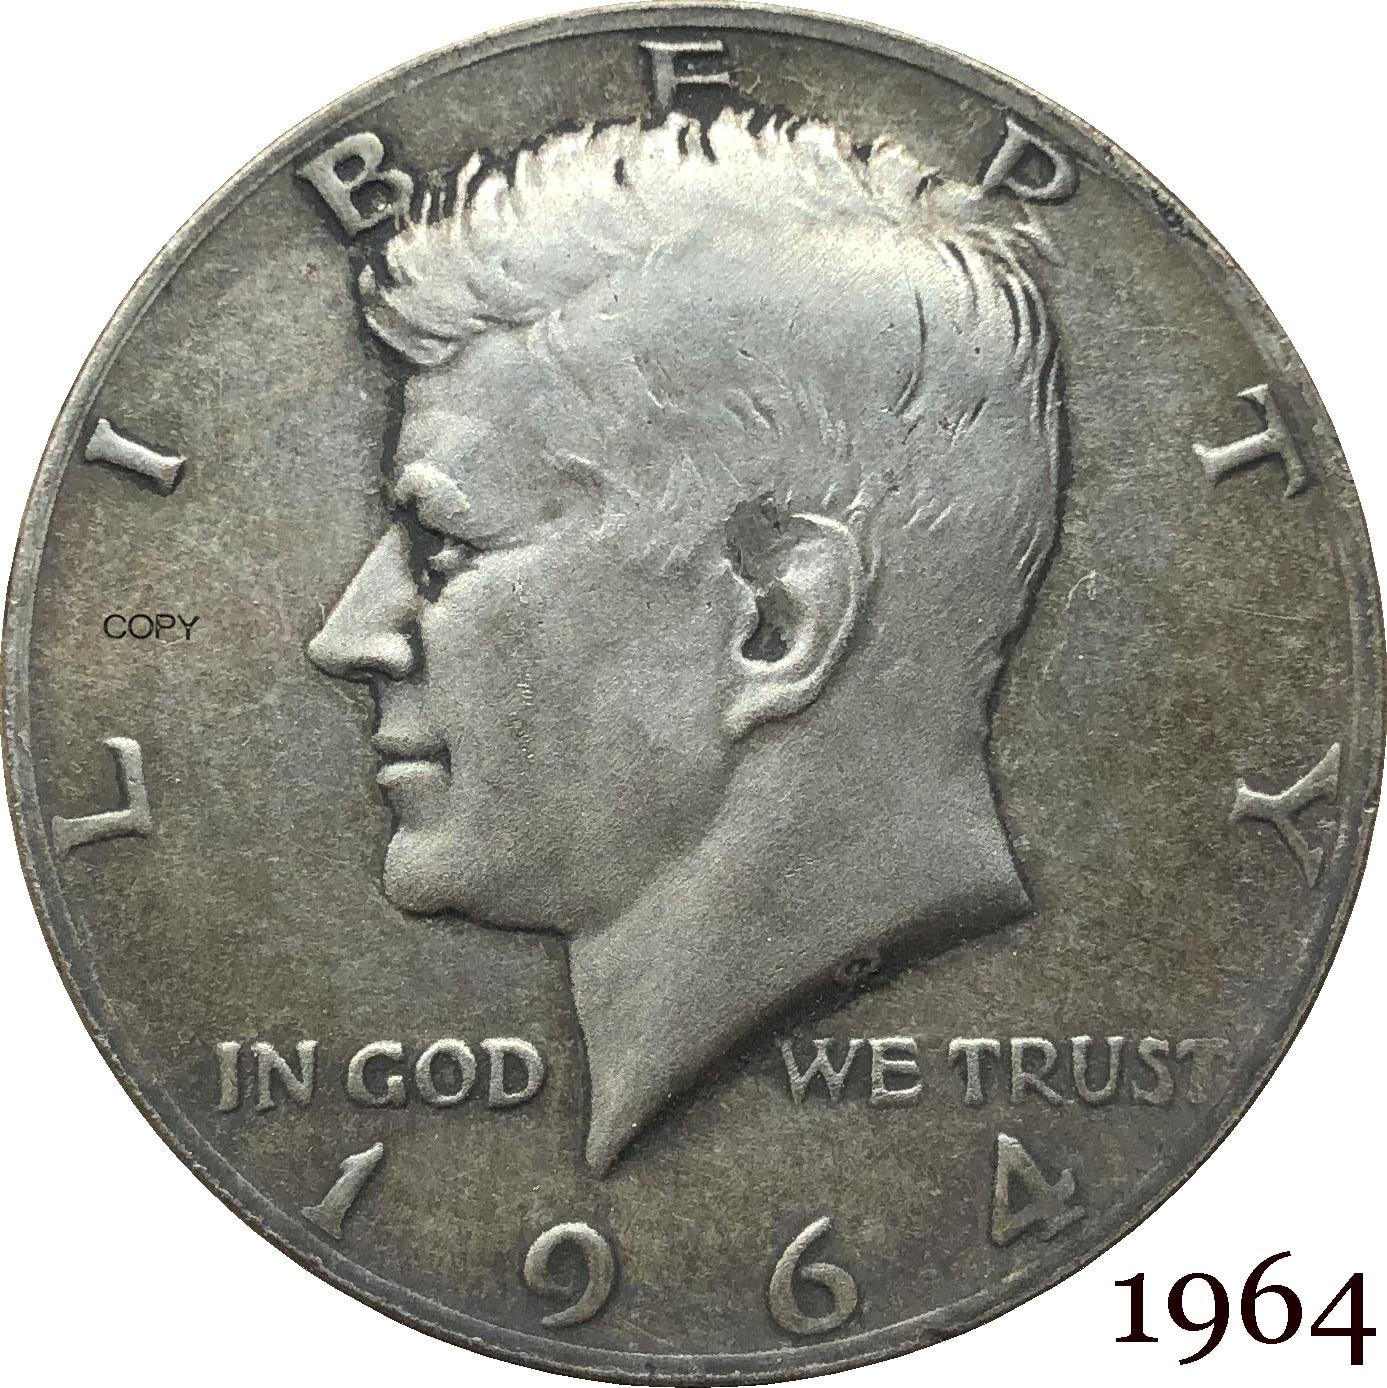 Соединенные Штаты Америки 1964 свобода 1/2 Кеннеди США половина доллара в Бог мы доверяем E multibus Cupronickel Посеребренная копия монеты